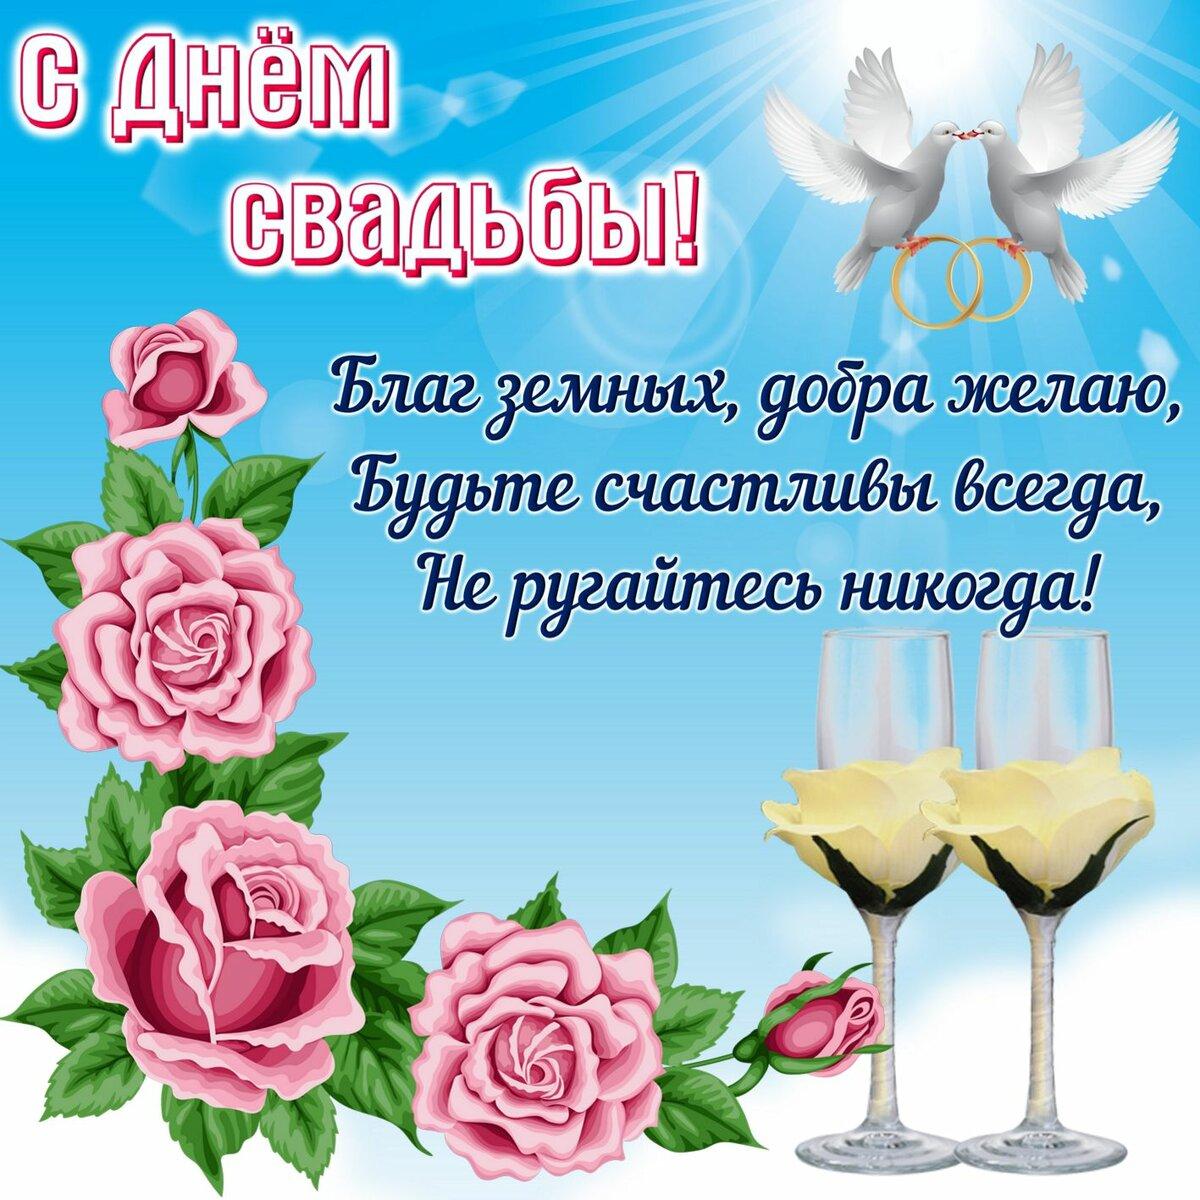 Поздравления с днем свадьбы молодоженам картинки